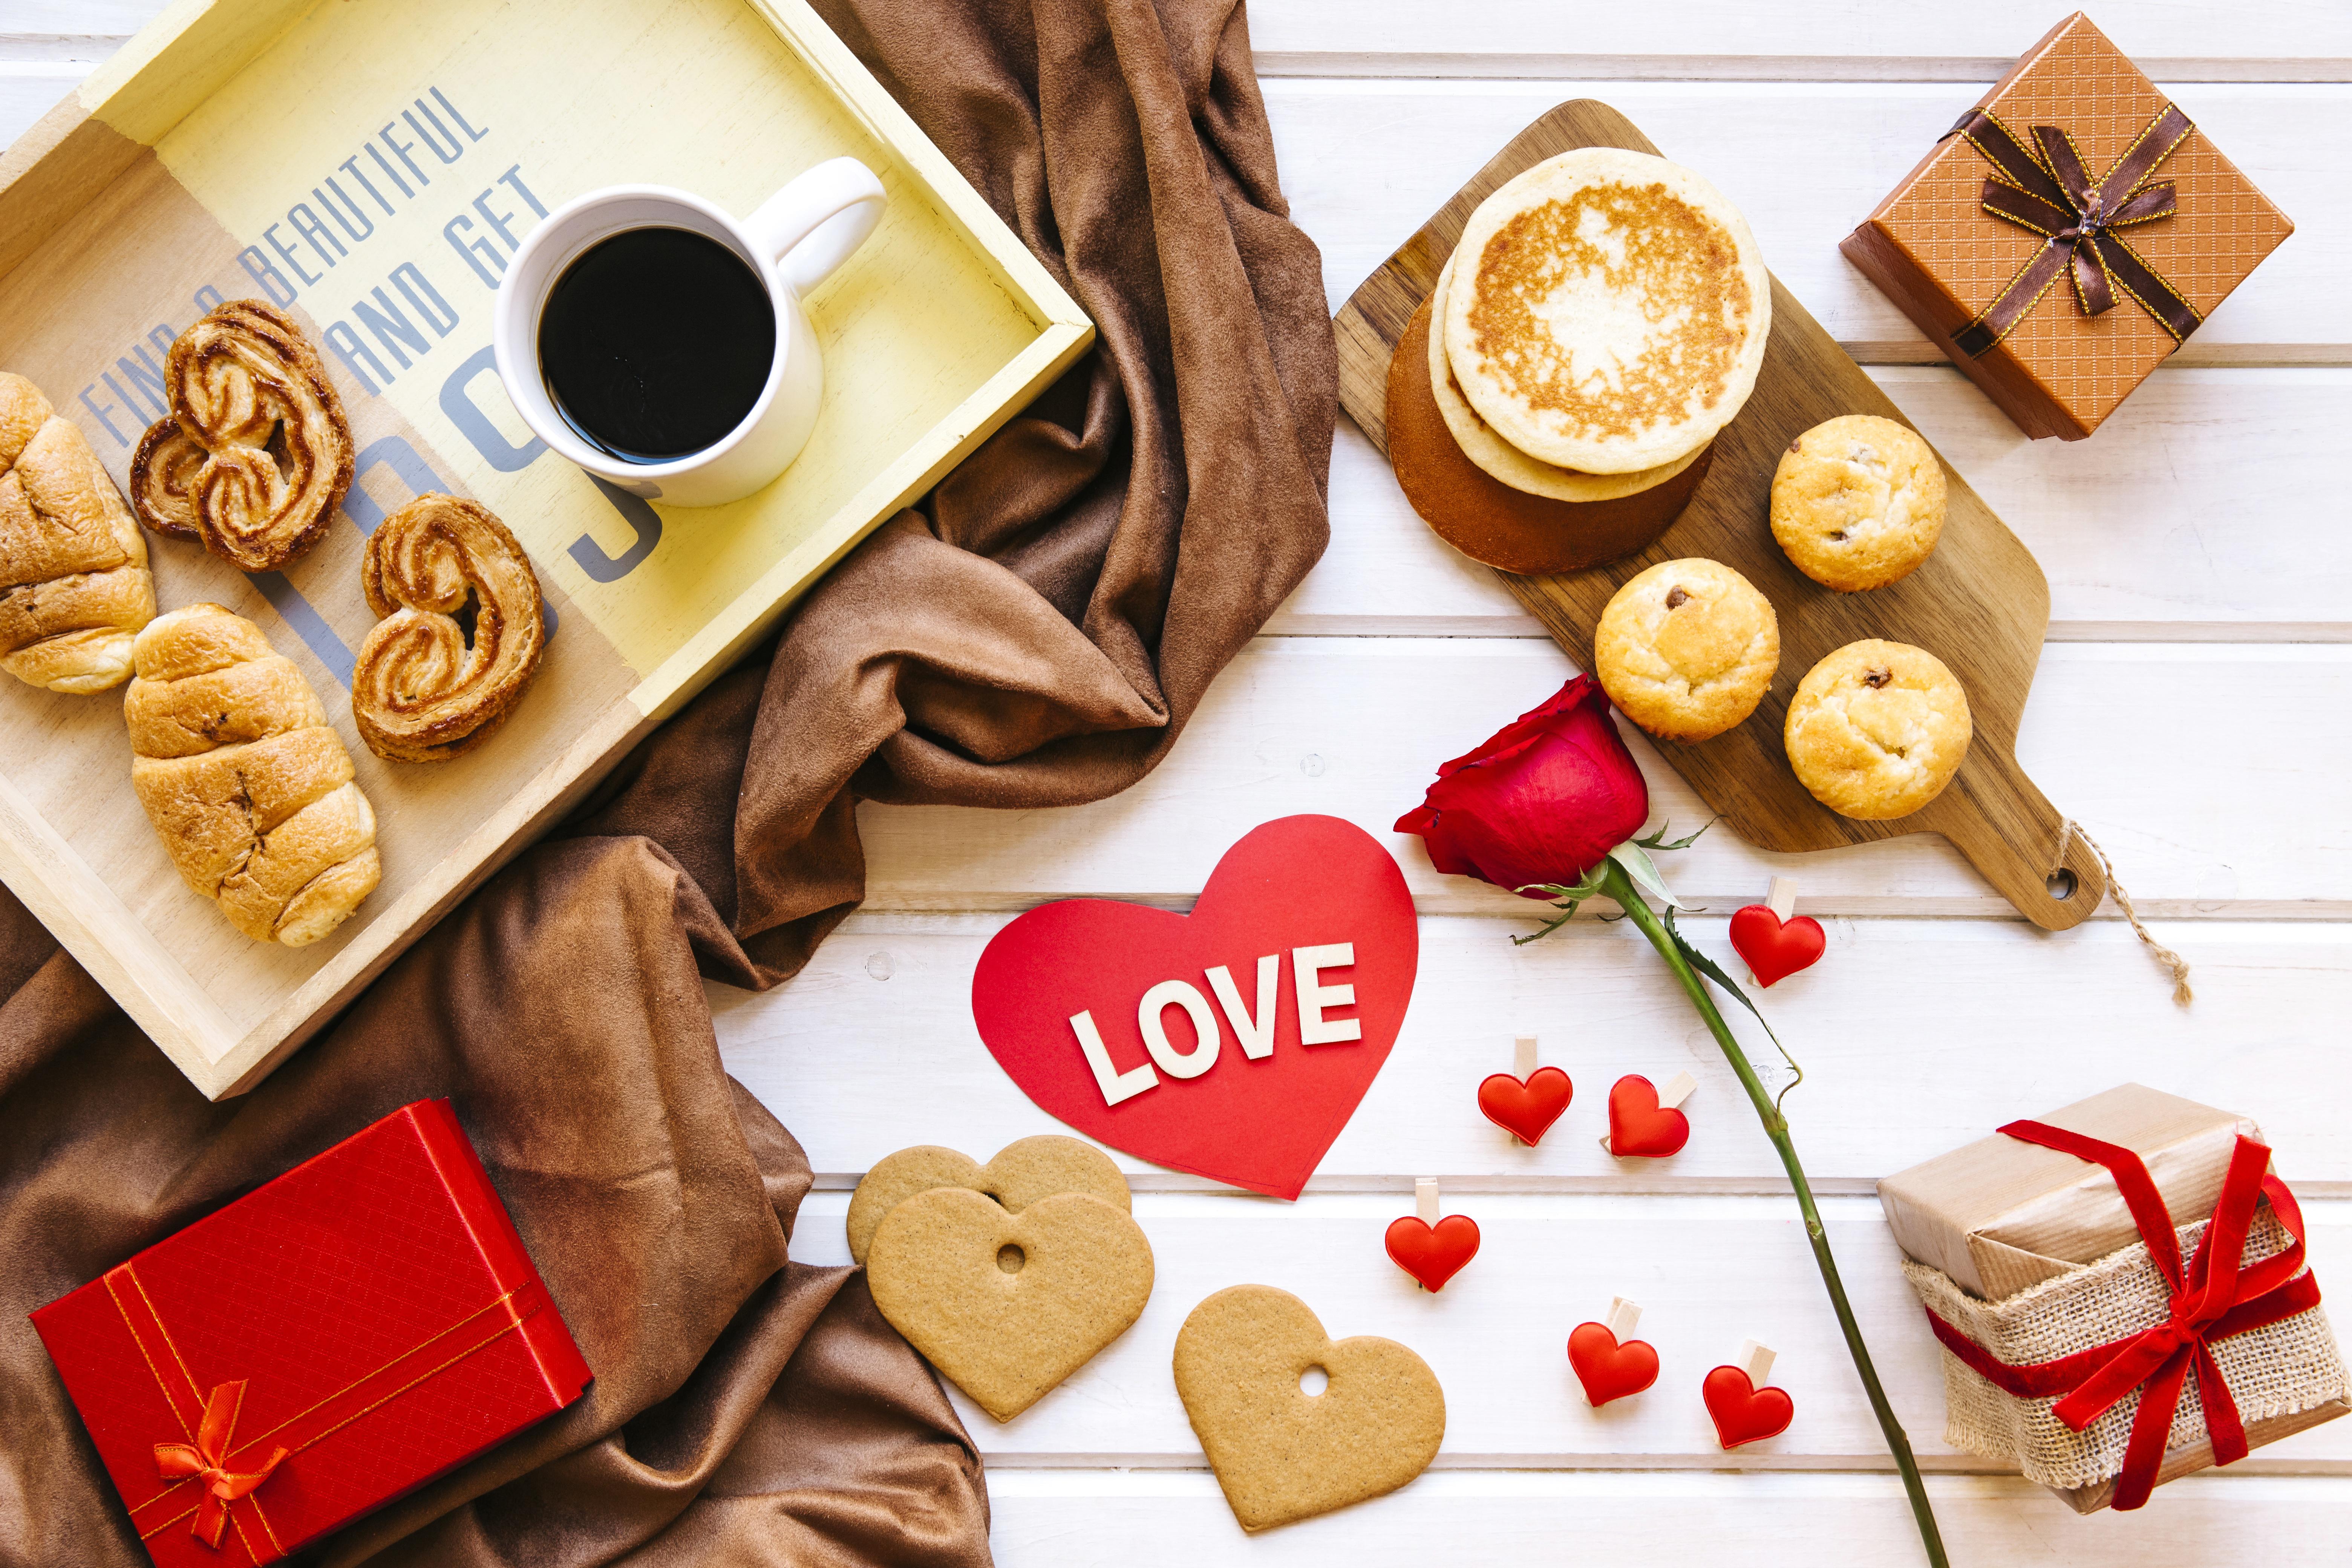 близкий сердце и кофе картинка ведь